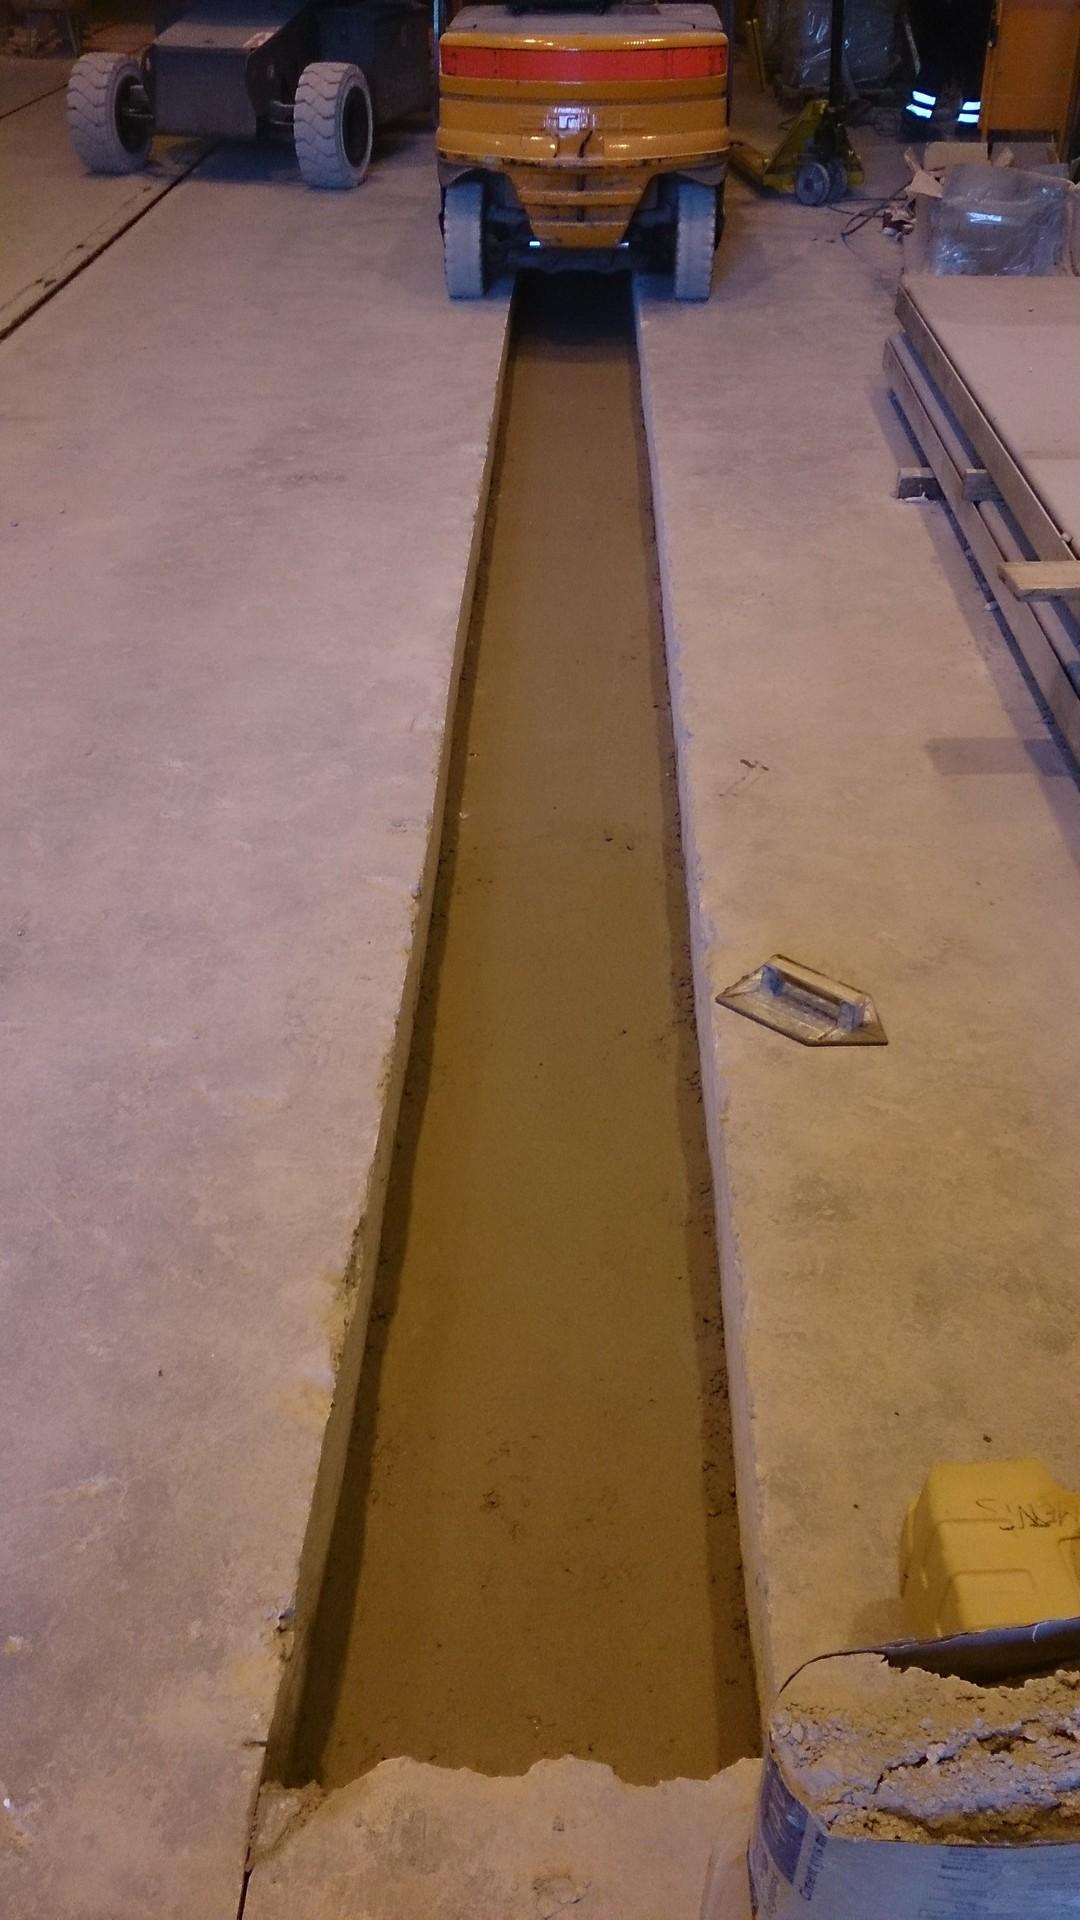 Ouverture et fermeture de voile béton et protection cablage et flexibleOuverture et fermeture de voile béton et protection cablage et flexible011